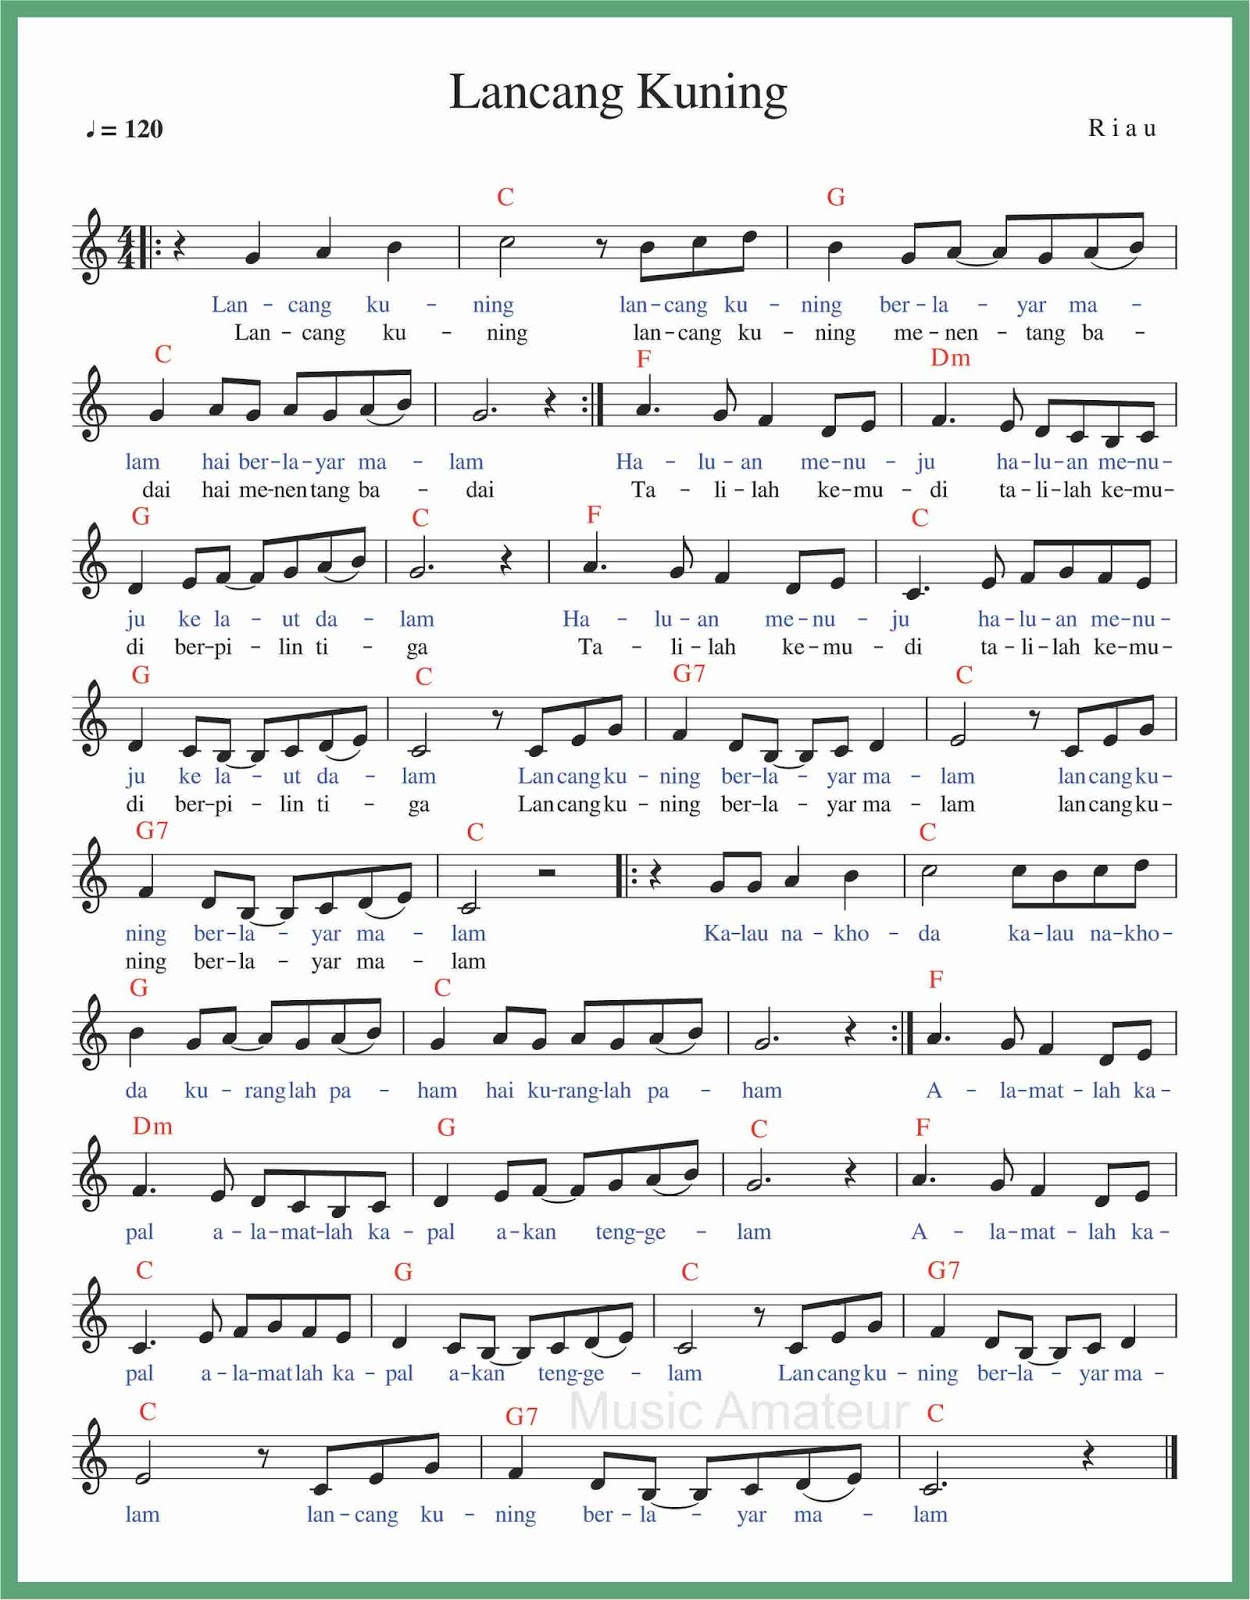 Lagu Daerah Melayu : daerah, melayu, Angka, Lancang, Kuning, SEPUTAR, MUSIK